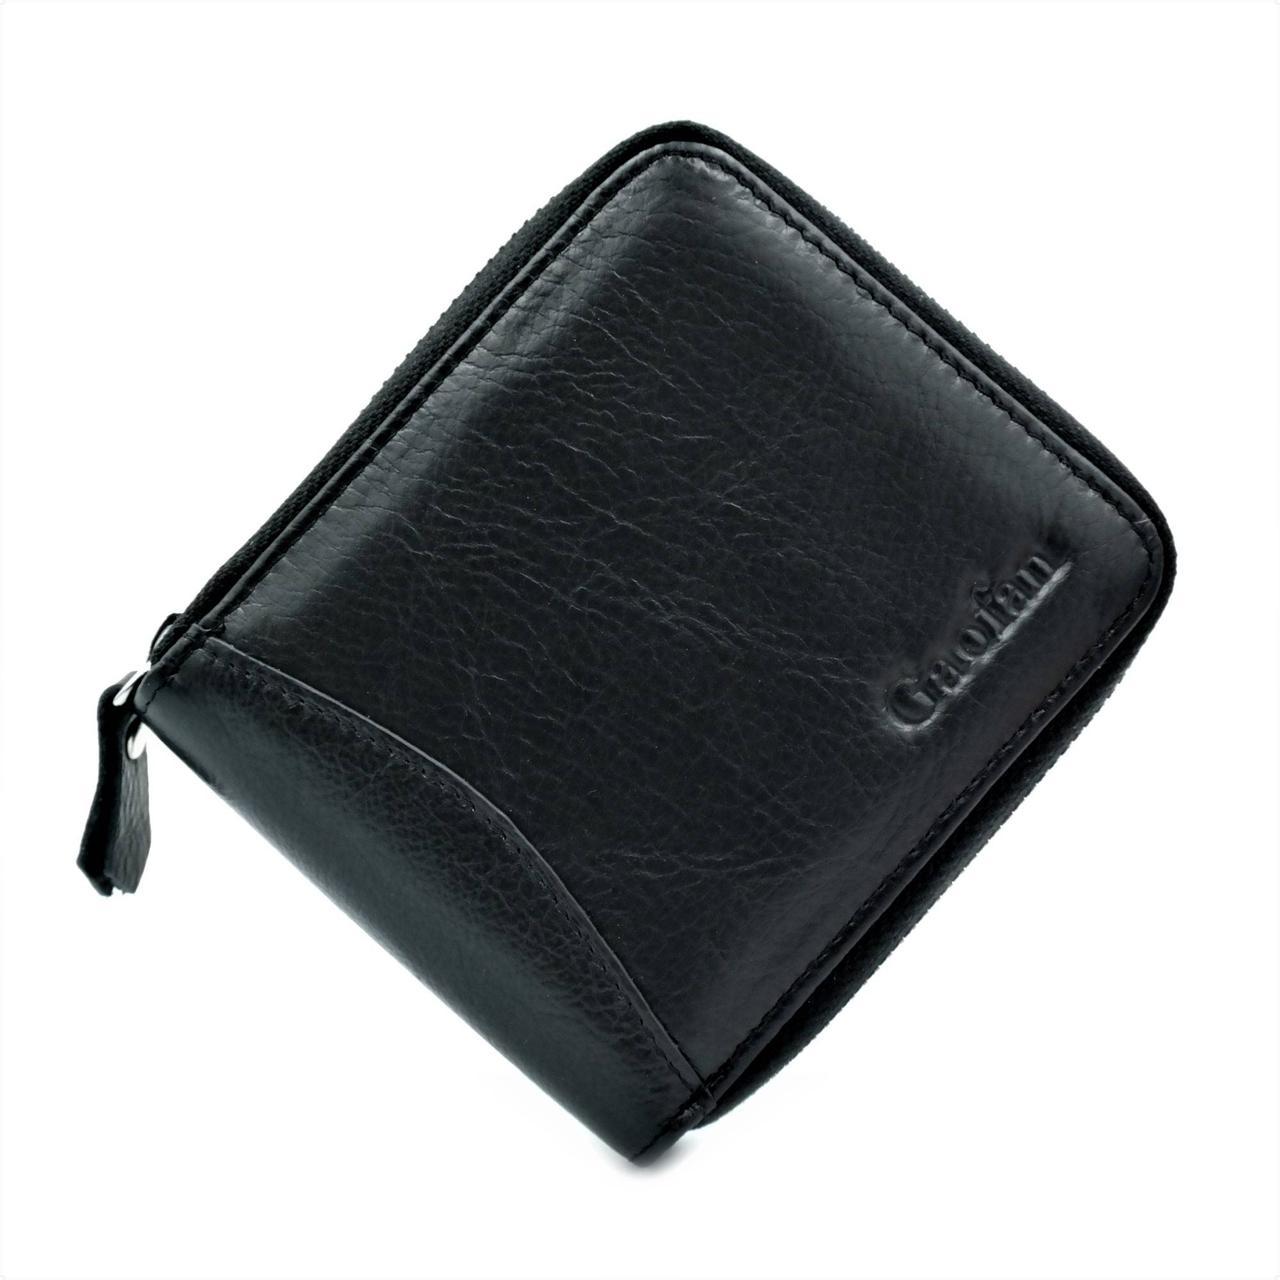 Мужской кожаный кошелек Чёрный (nw-k-295)